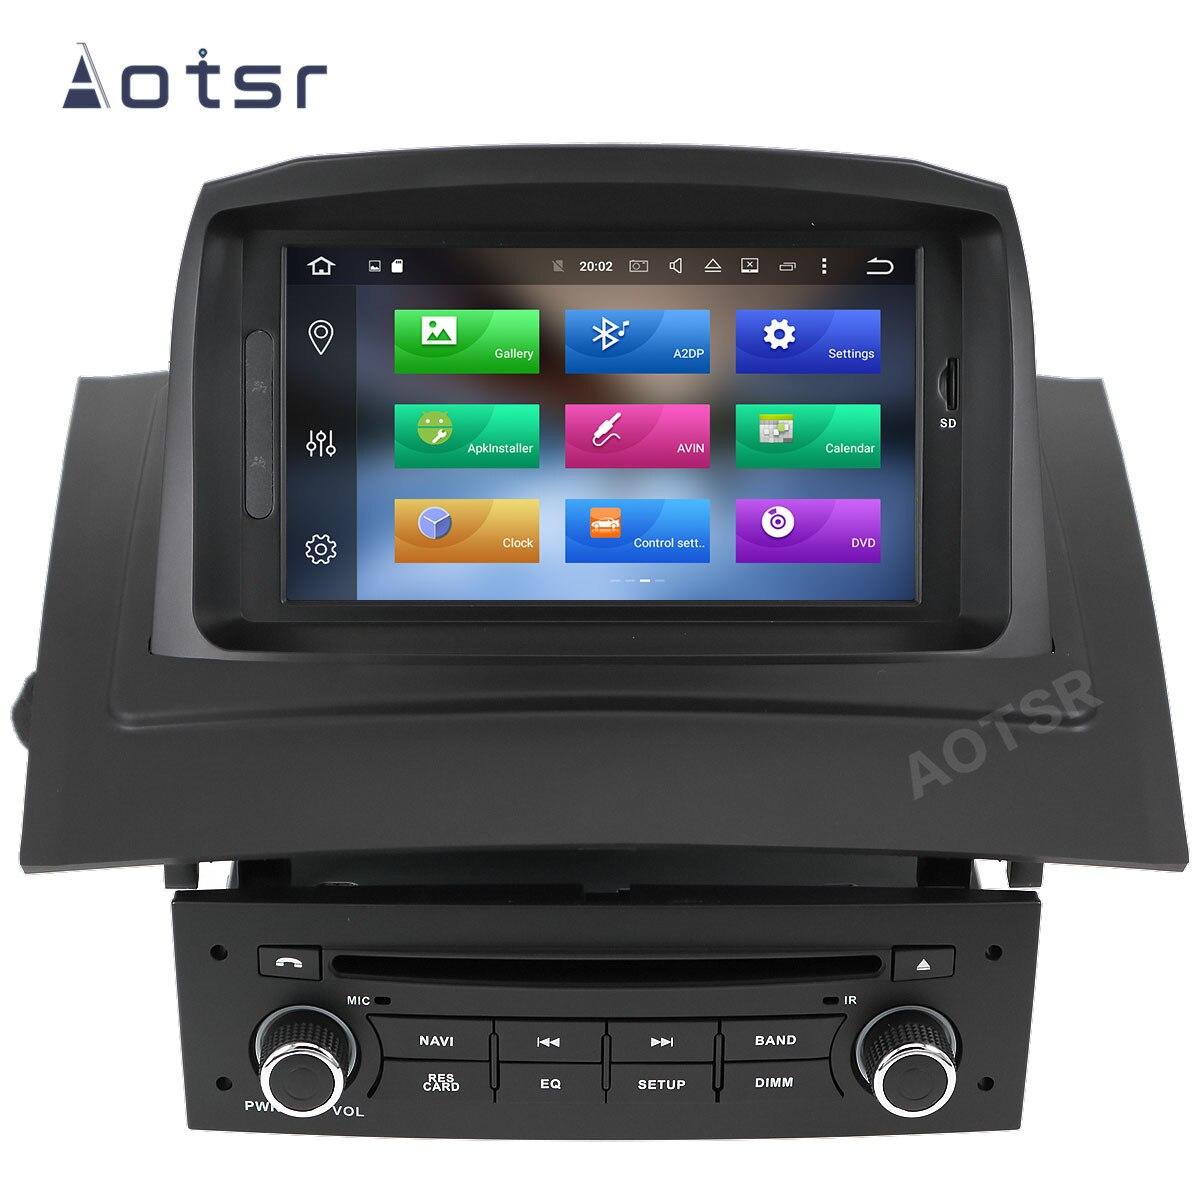 AOTSR 2 Din coche Radio Auto Android 10 para Renault Megane 2 Fluence 2002 - 2008 reproductor Multimedia navegación GPS DSP AutoRadio